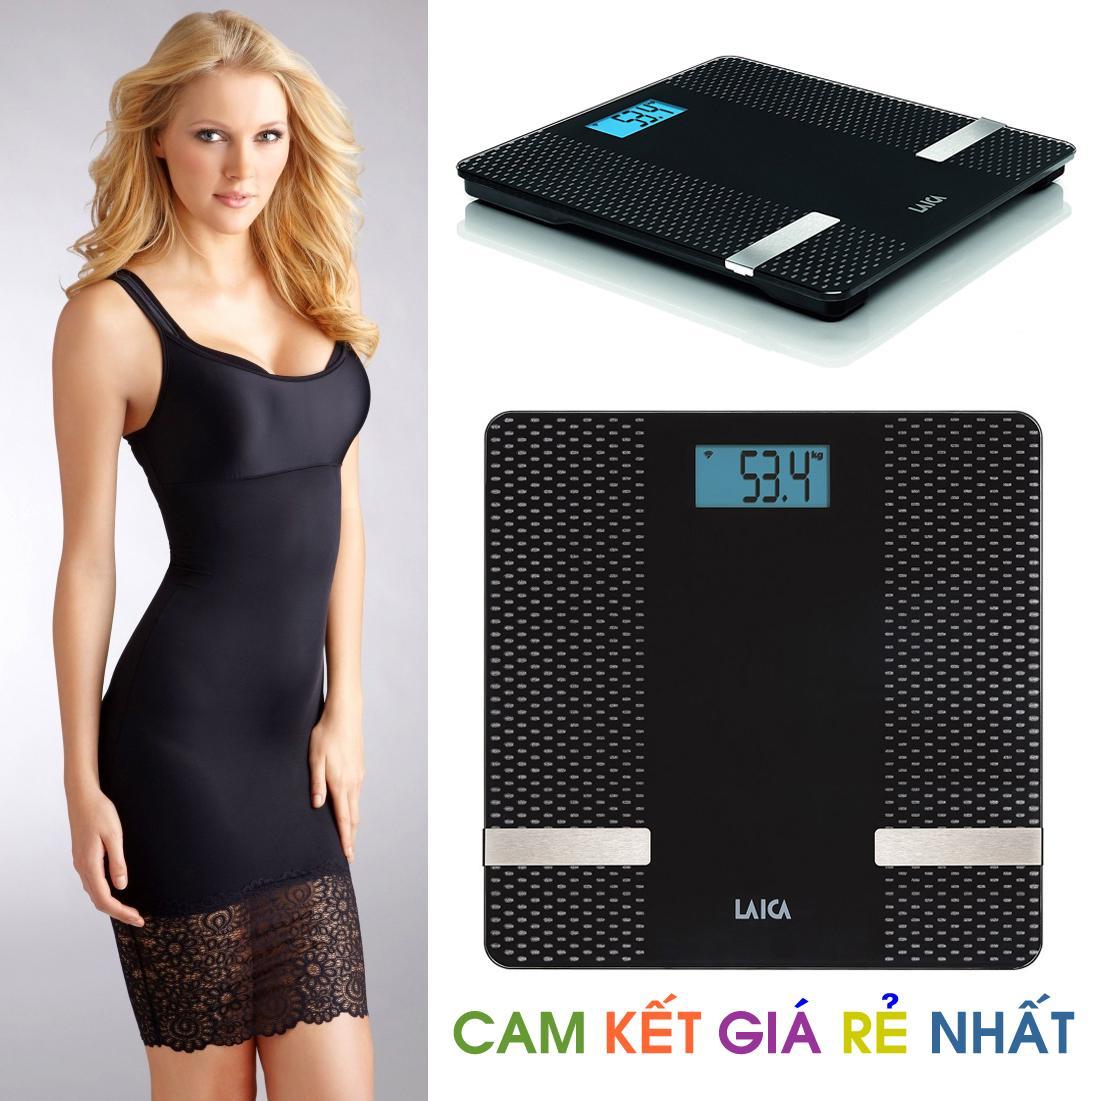 Cân BMI đo tỷ lệ Mỡ/Nước/Cơ/Kcal kết nối Bluetooth LAICA PS7002 (ITALY) chính hãng